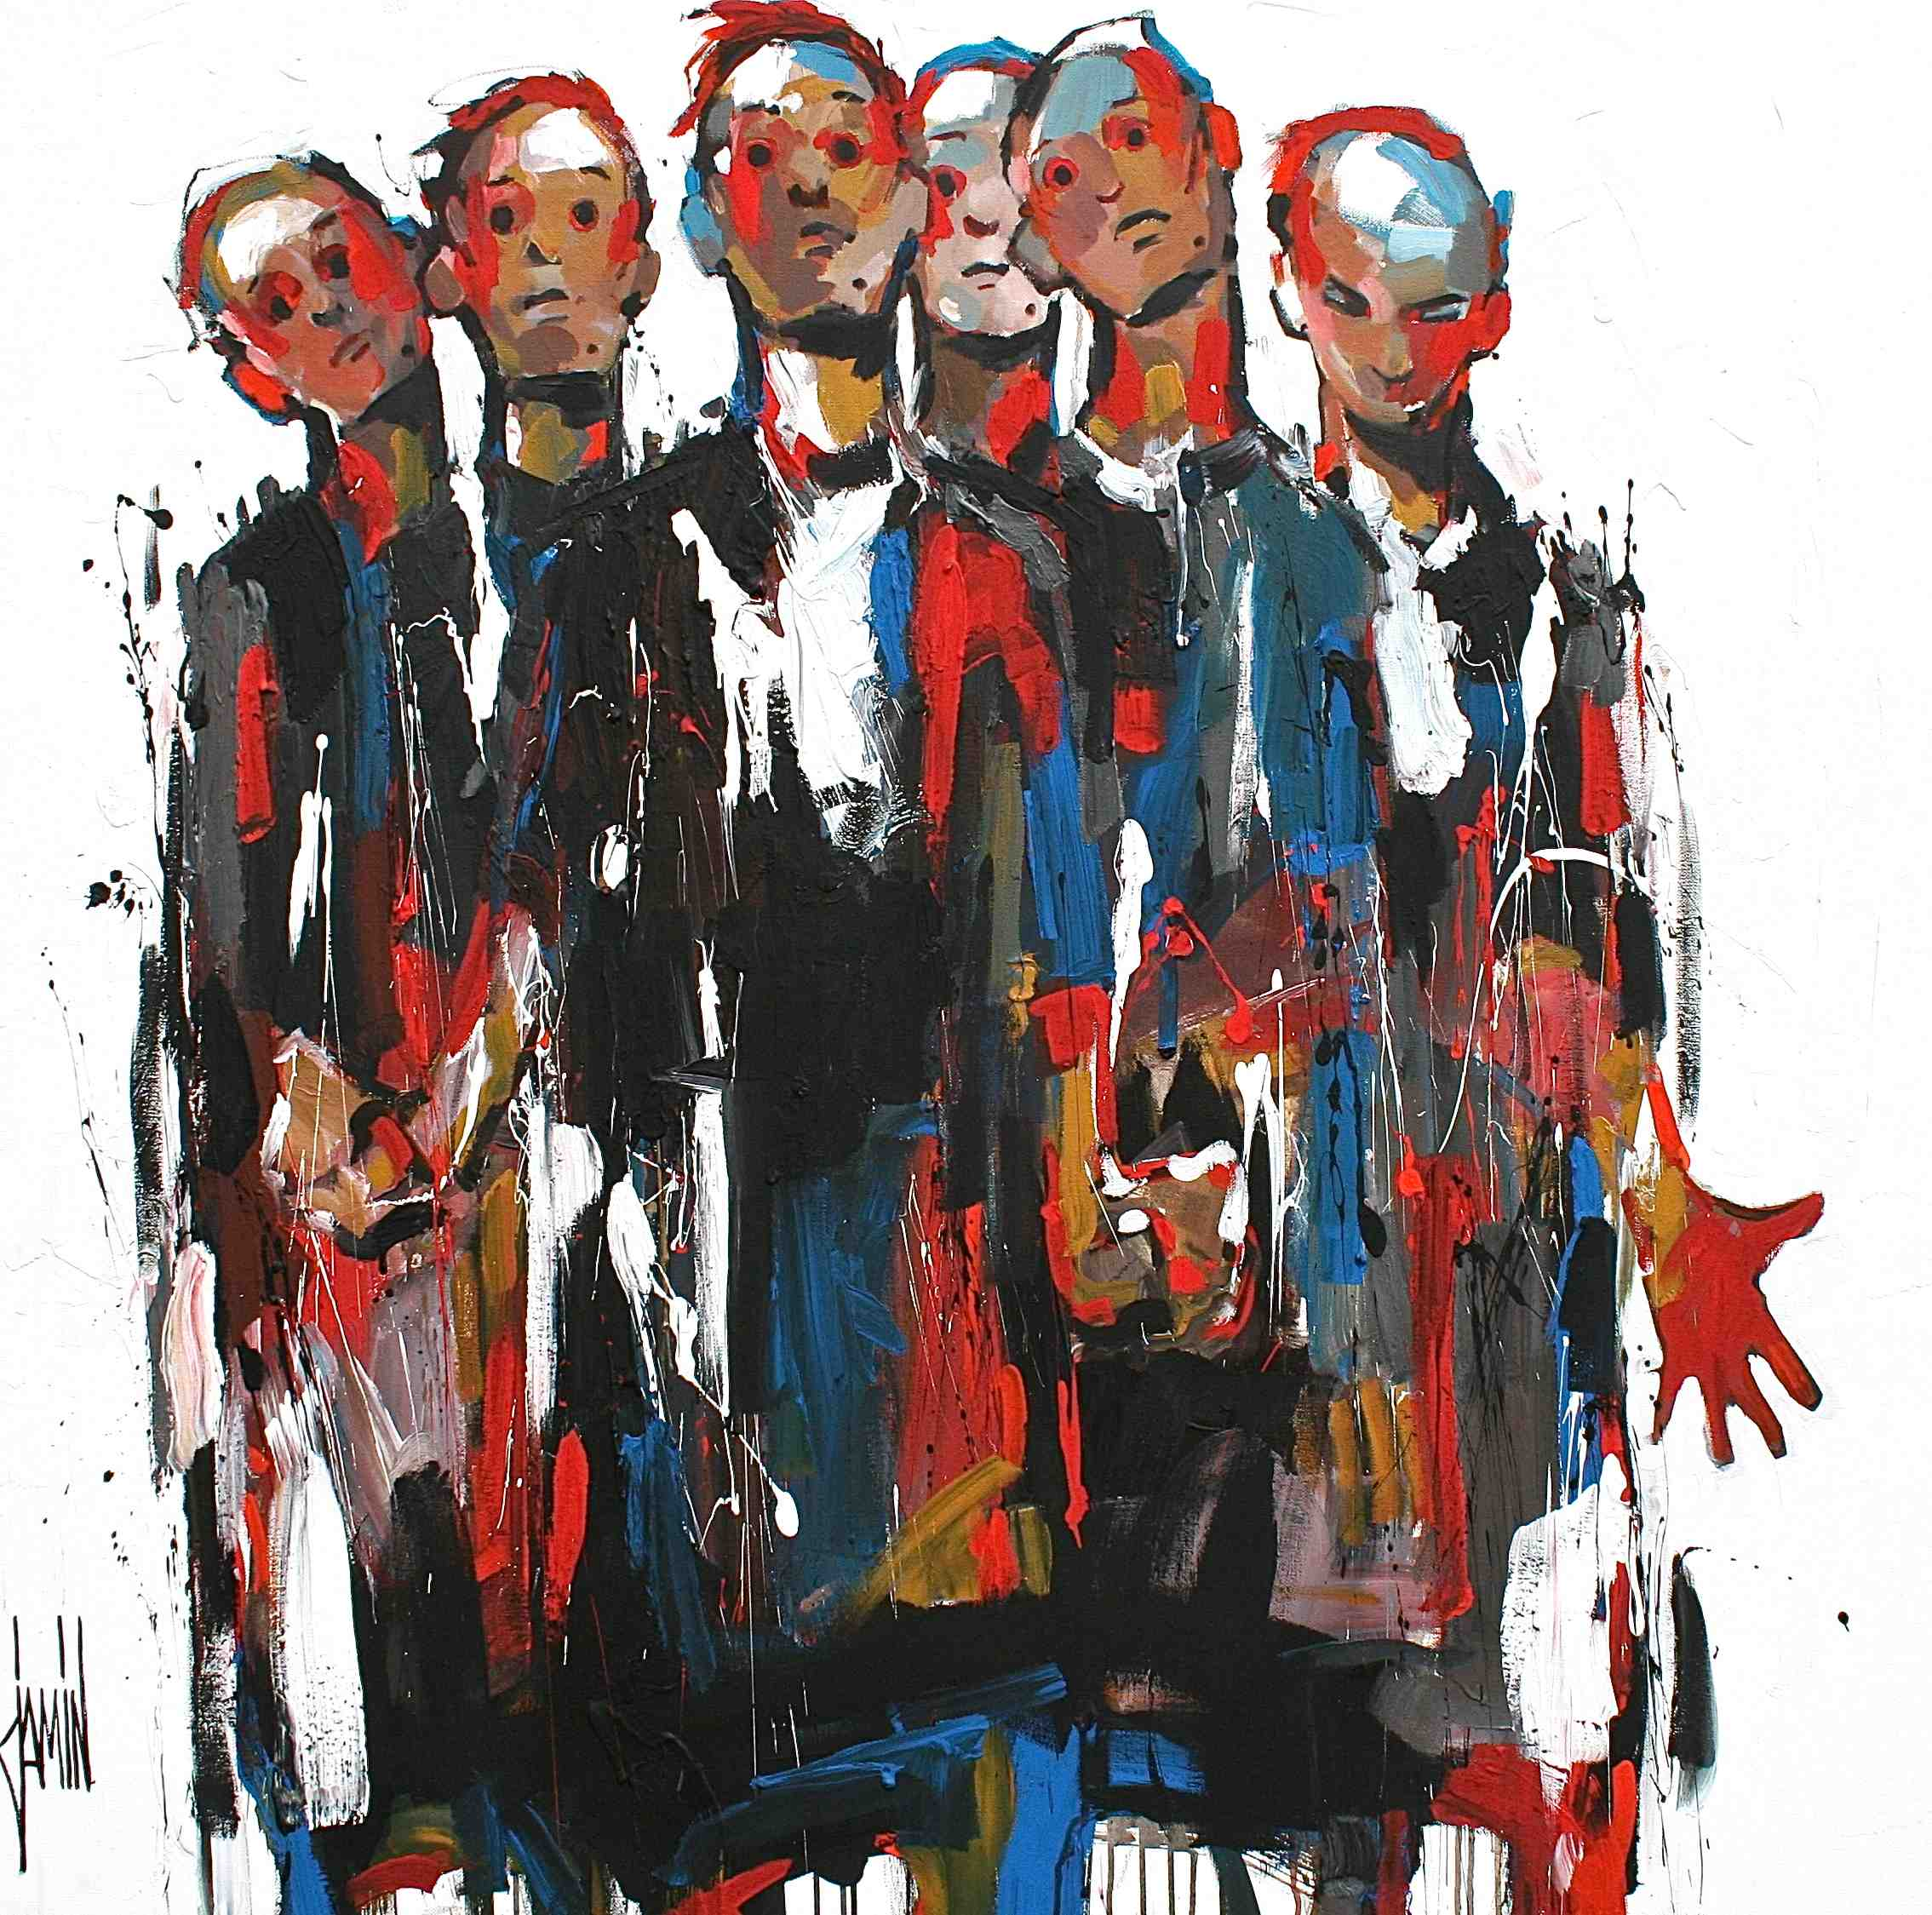 Les Bourgeois de Calais - La stupeur - acrylique sur toile - 120x120cm - année 2012